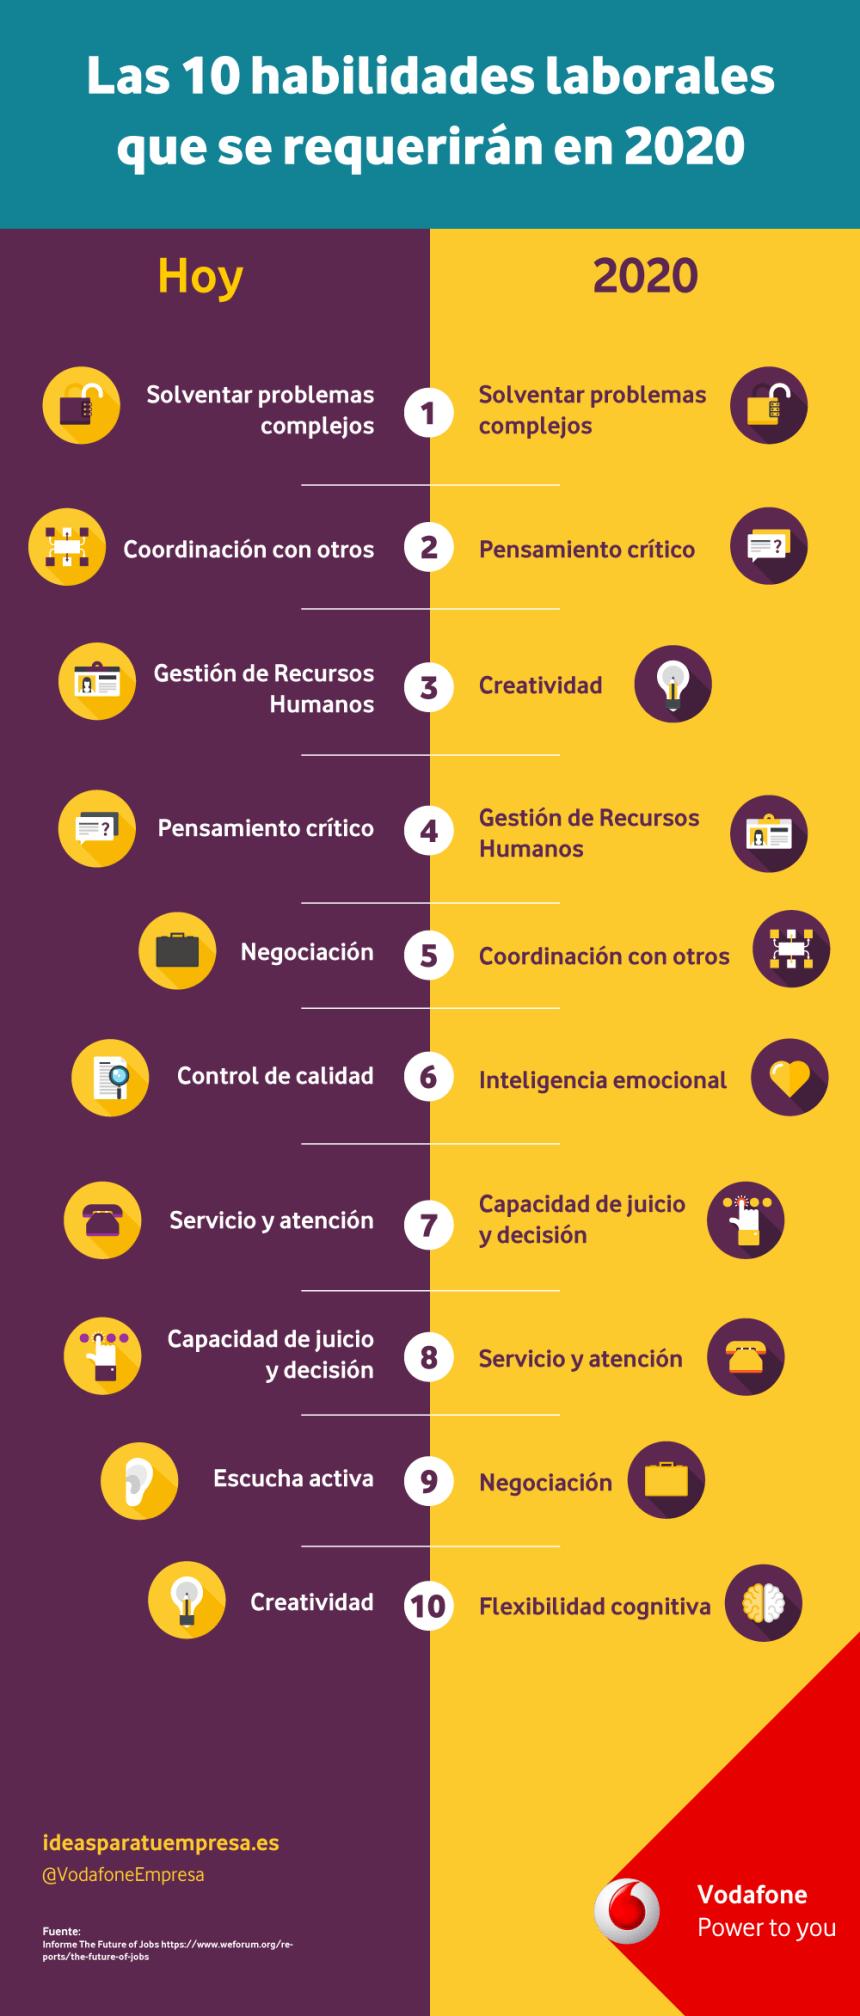 10 habilidades laborales que se requerirán en 2020